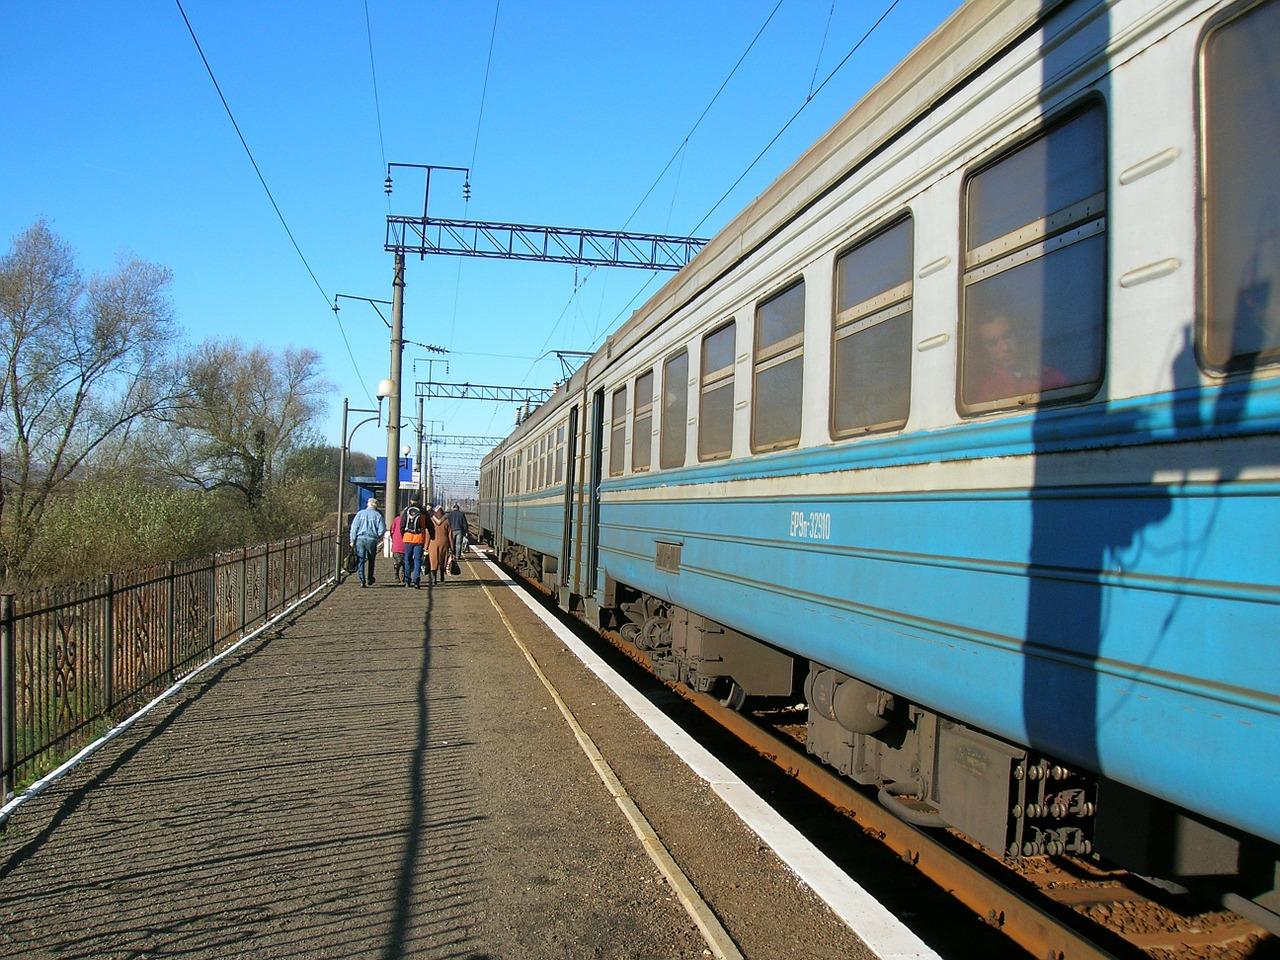 Укрзалізниця запустить ще 50 електропоїздів - Укрзалізниця - train 507072 1280